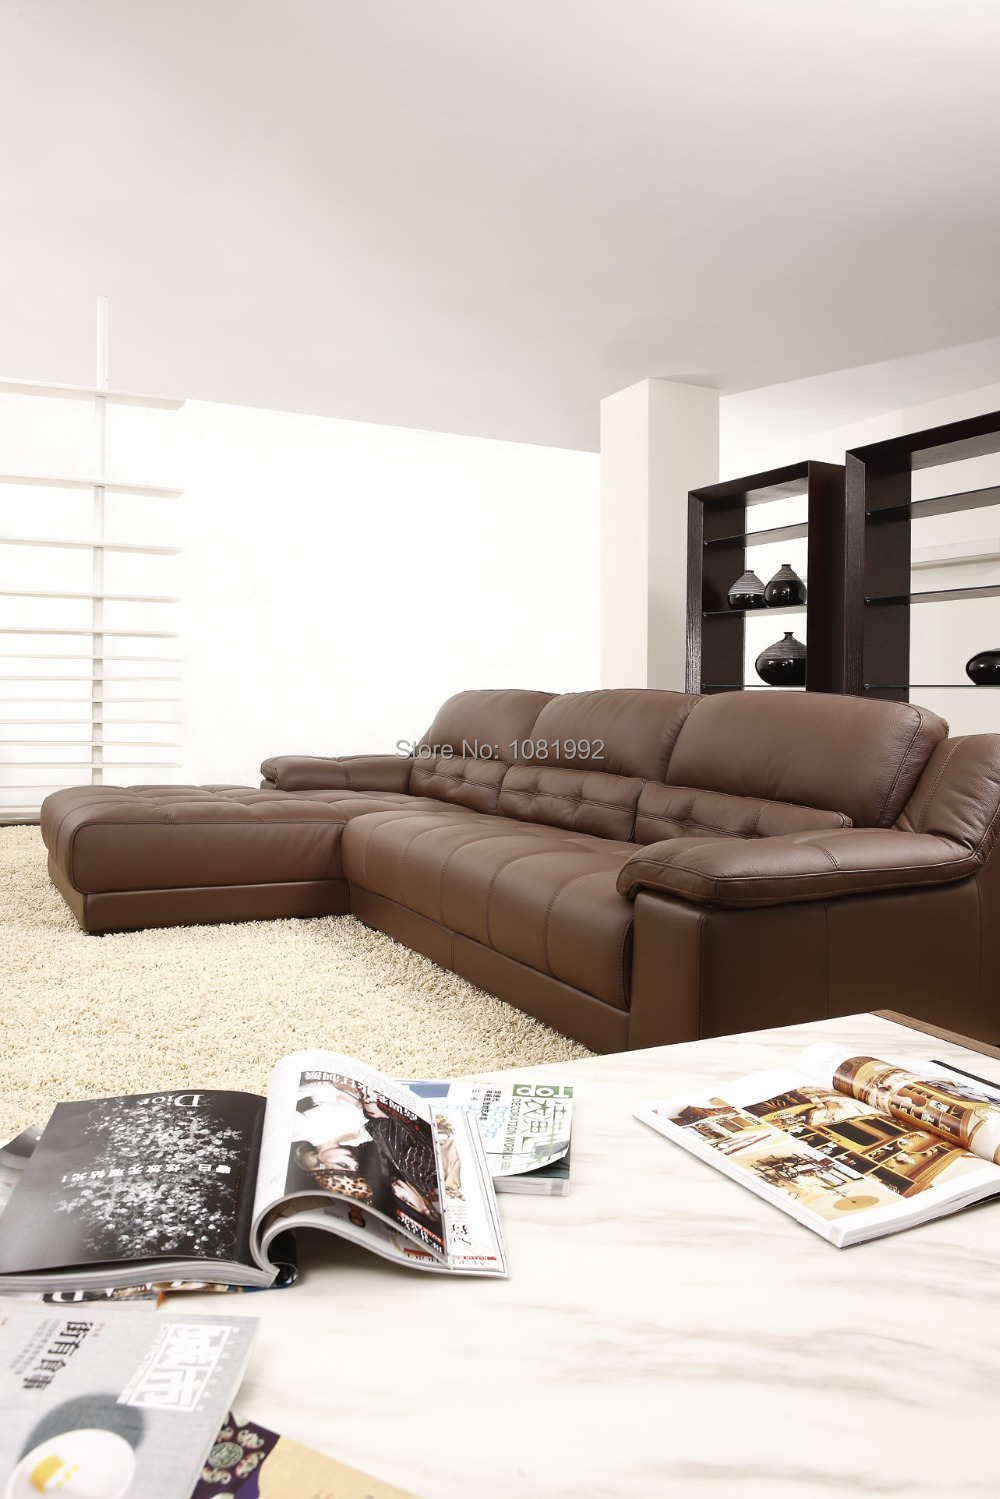 Moderne coin en cuir de la famille canapé hotsales modèle meubles ...